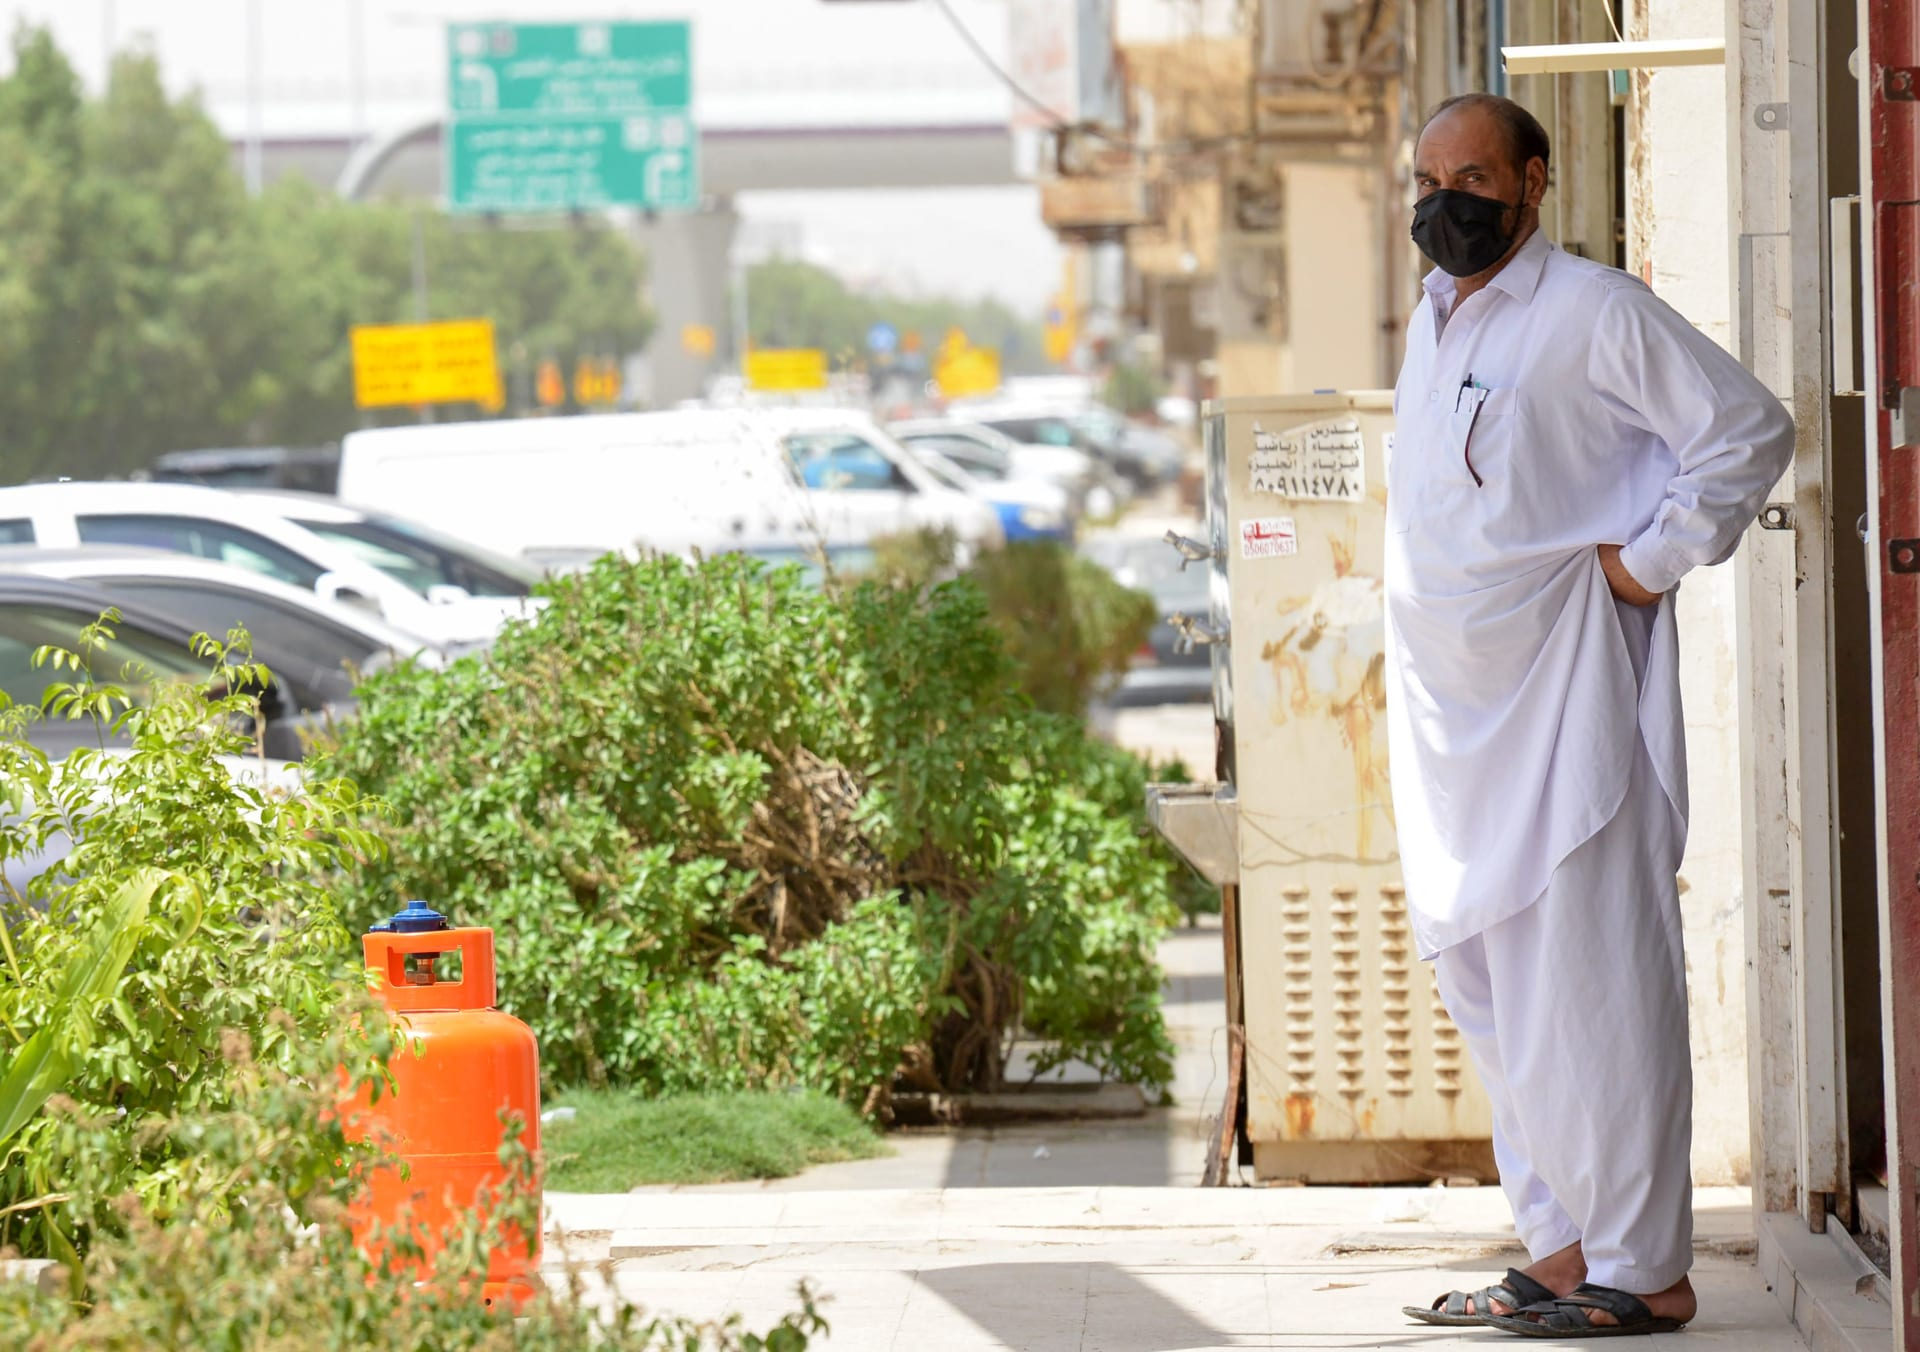 كورونا في السعودية.. الإصابات تتخطى حاجز الـ200 ألف وهذه أعداد الوفيات وحالات الشفاء